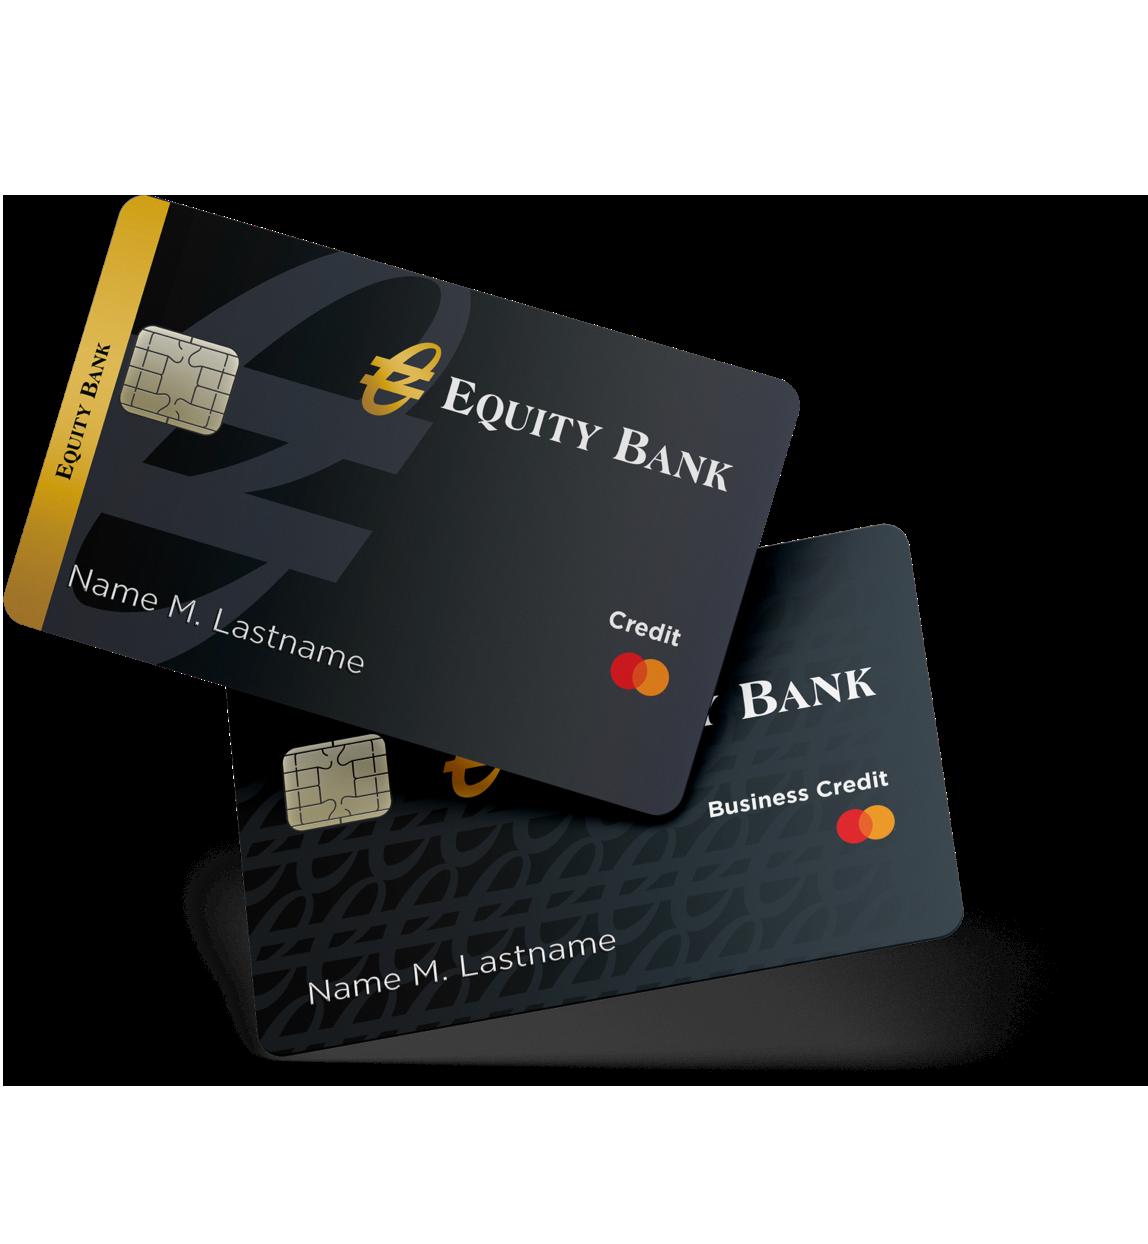 Equity Bank Debit Cards